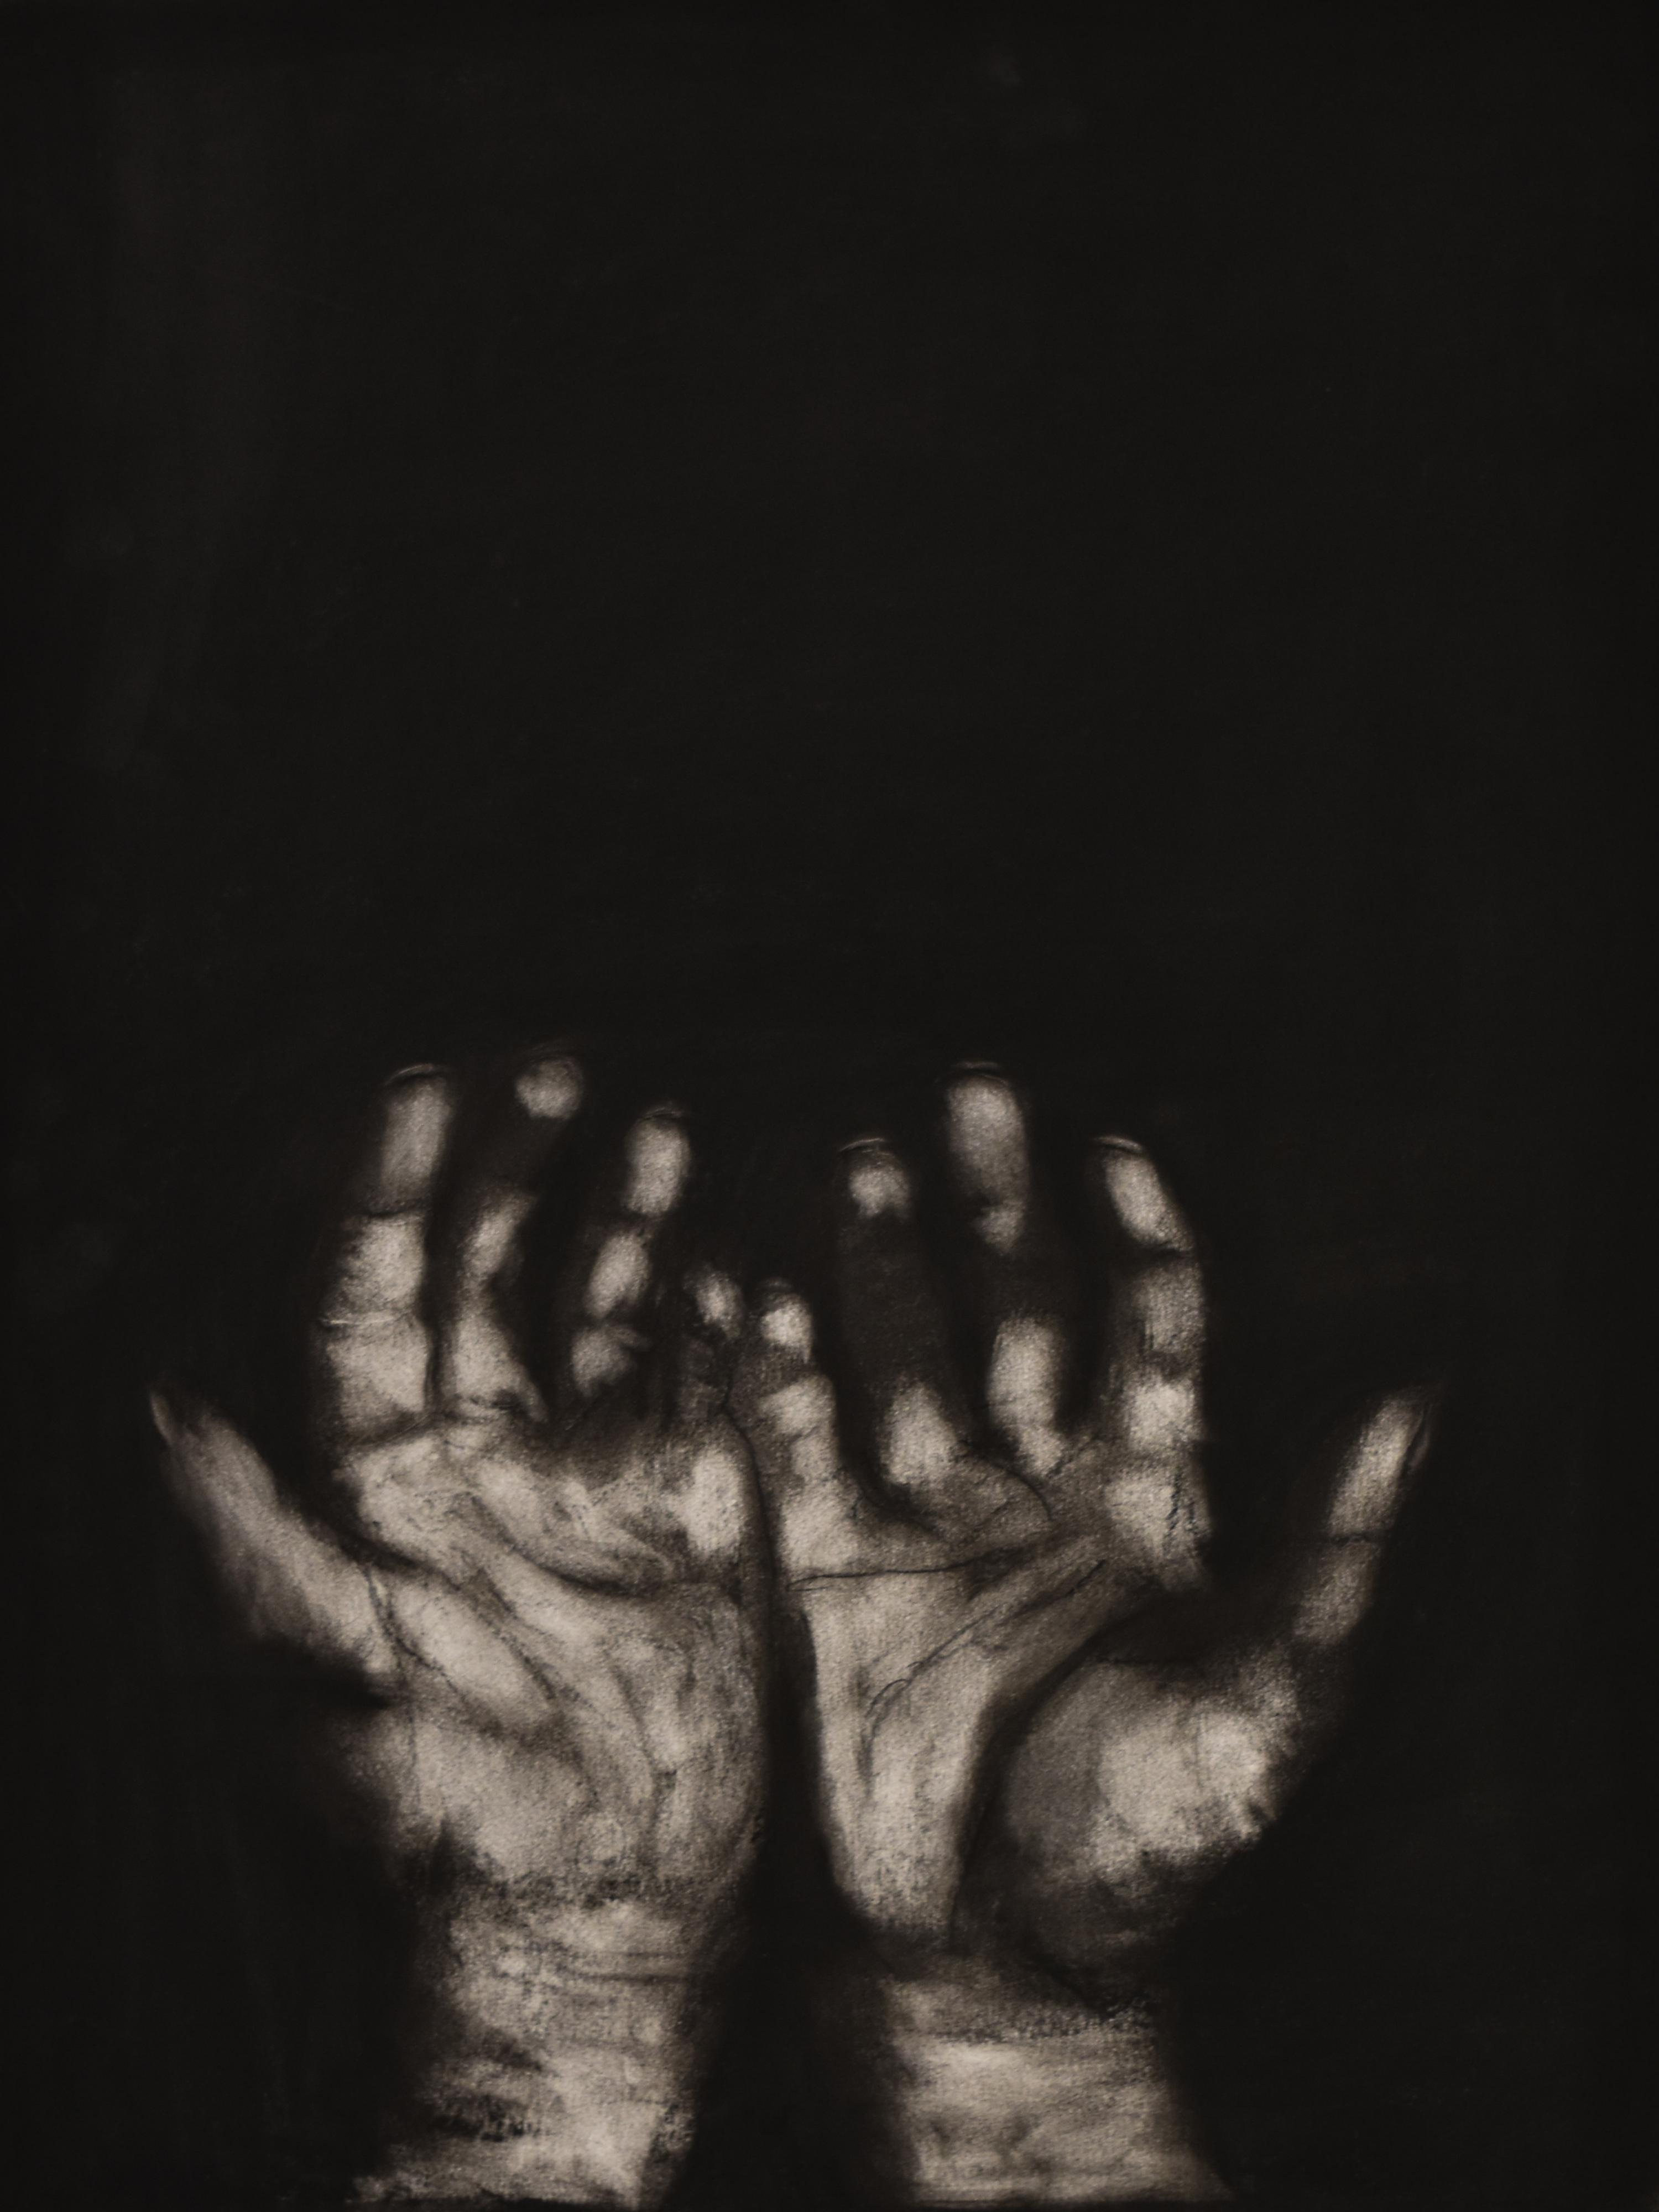 Miner's Hands